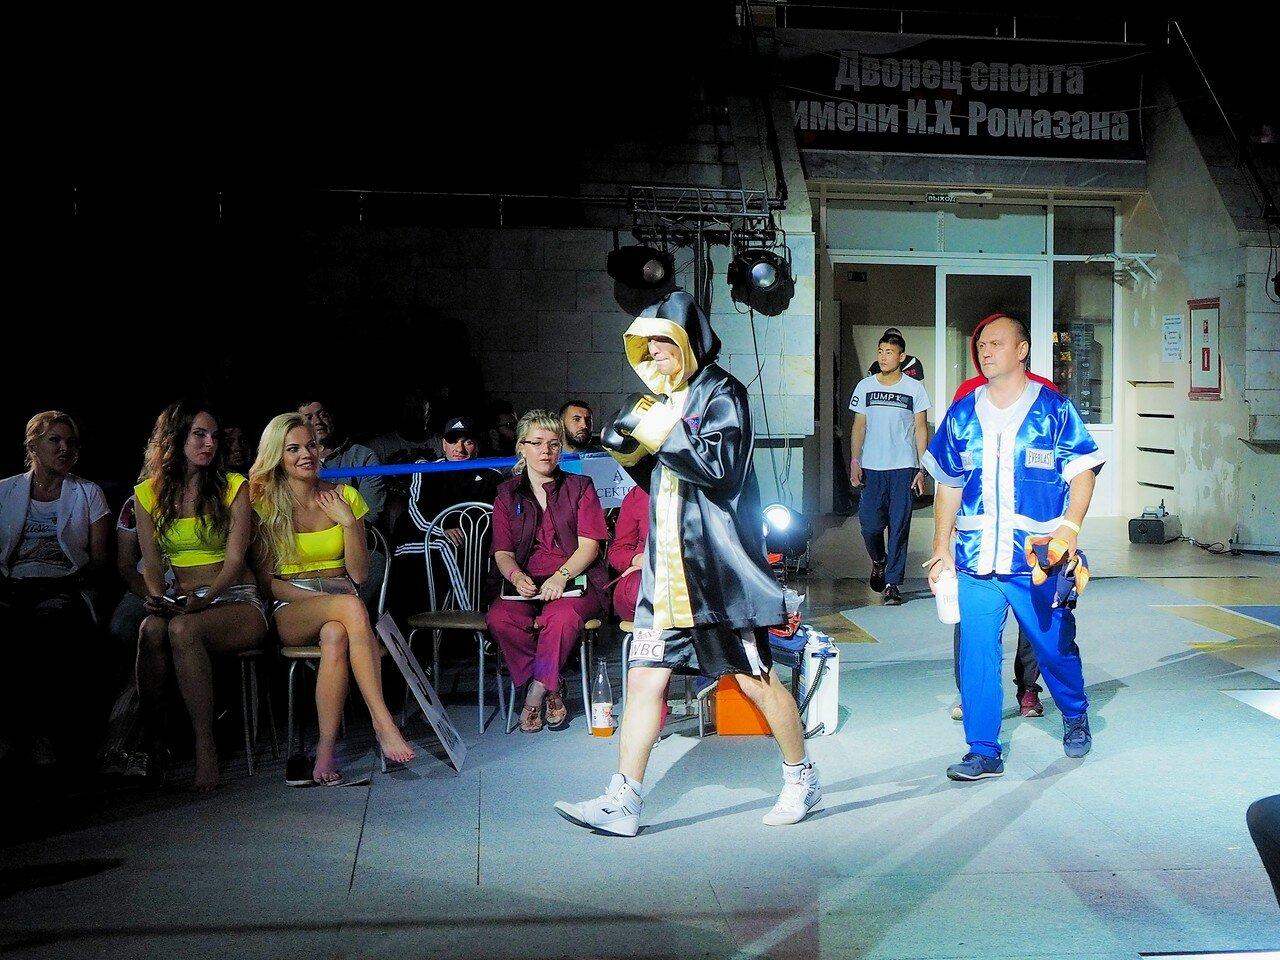 79 Вечер профессионального бокса в Магнитогорске 06.07.2017